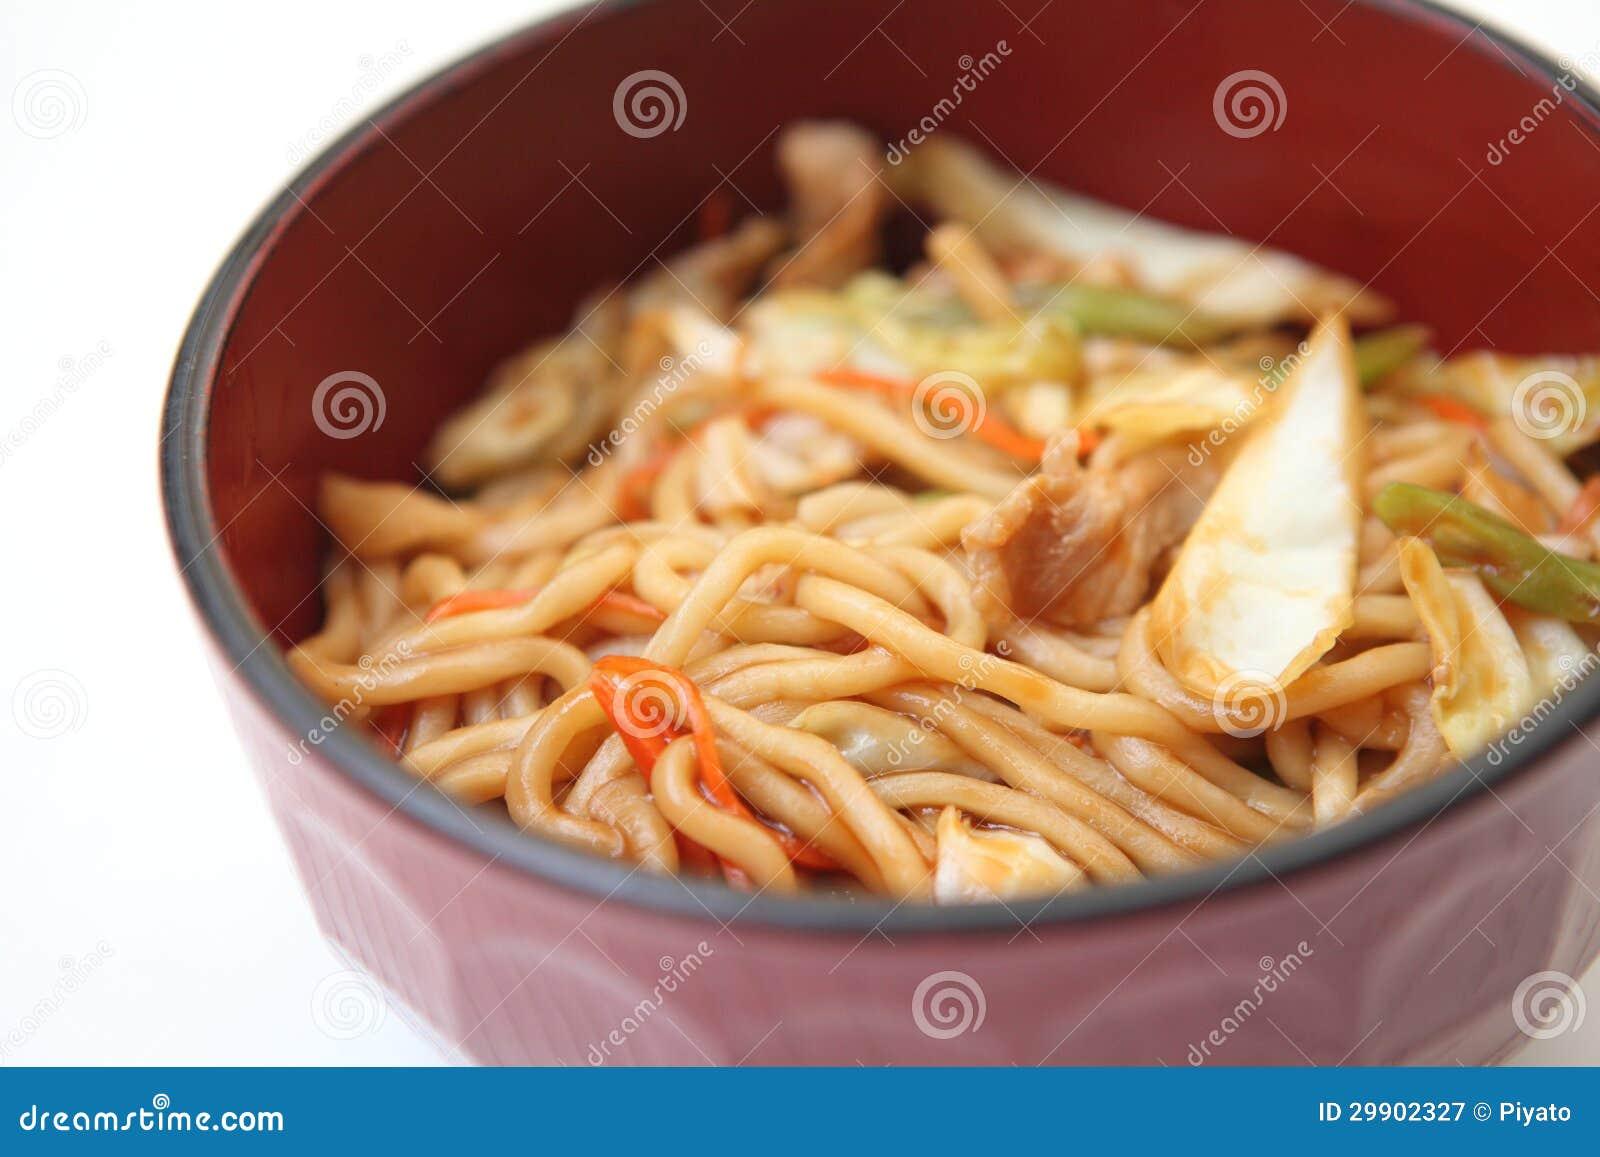 Fried Noodles Yakisoba Royalty Free Stock Photography - Image ...